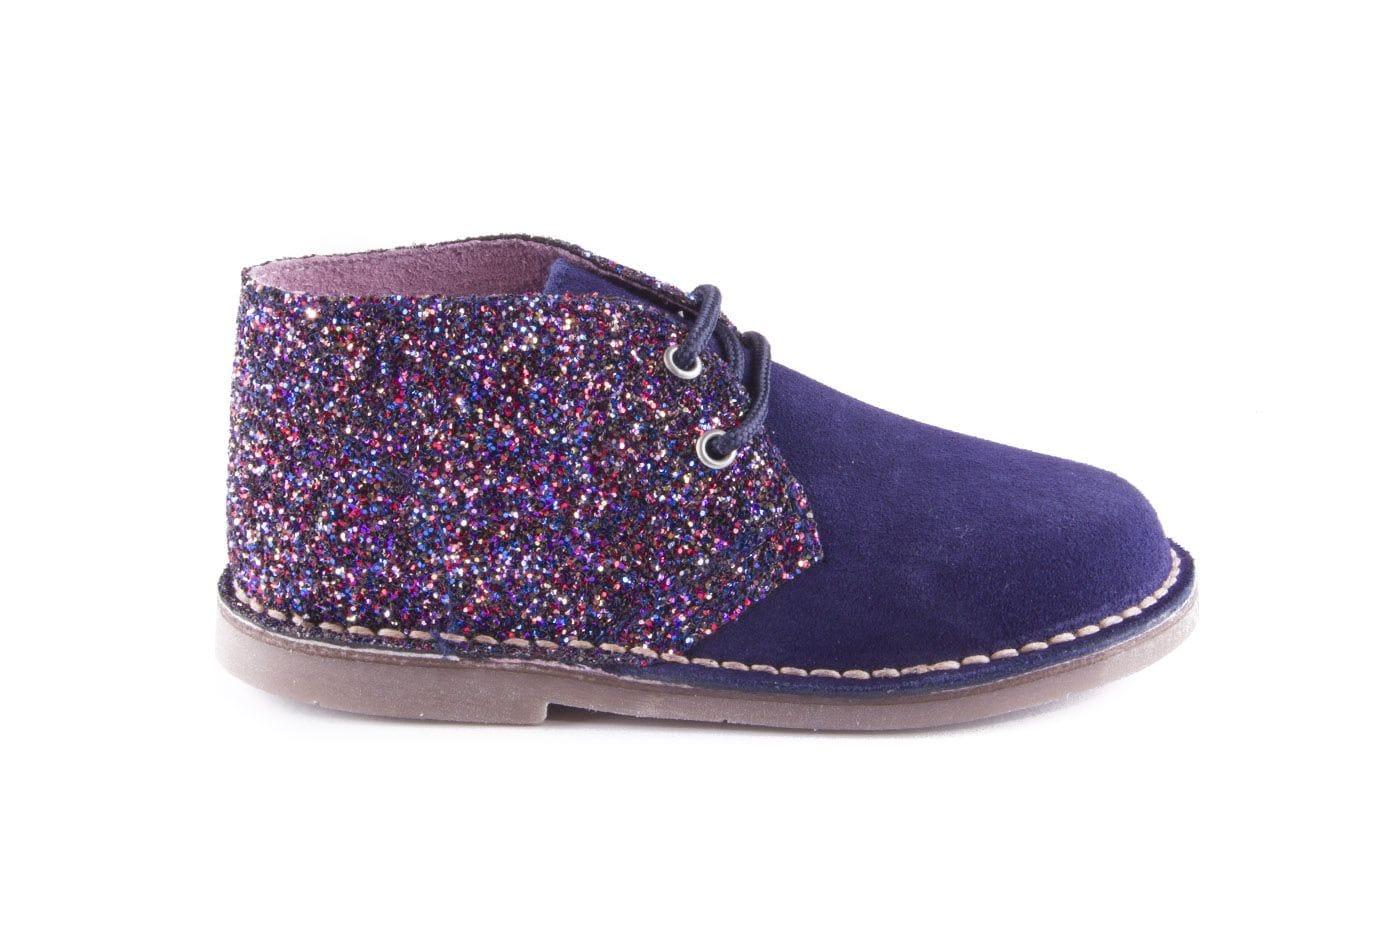 fc566a6a255 Comprar zapato tipo JOVEN NIÑA estilo BOTAS COLOR AZUL GLITTER ...